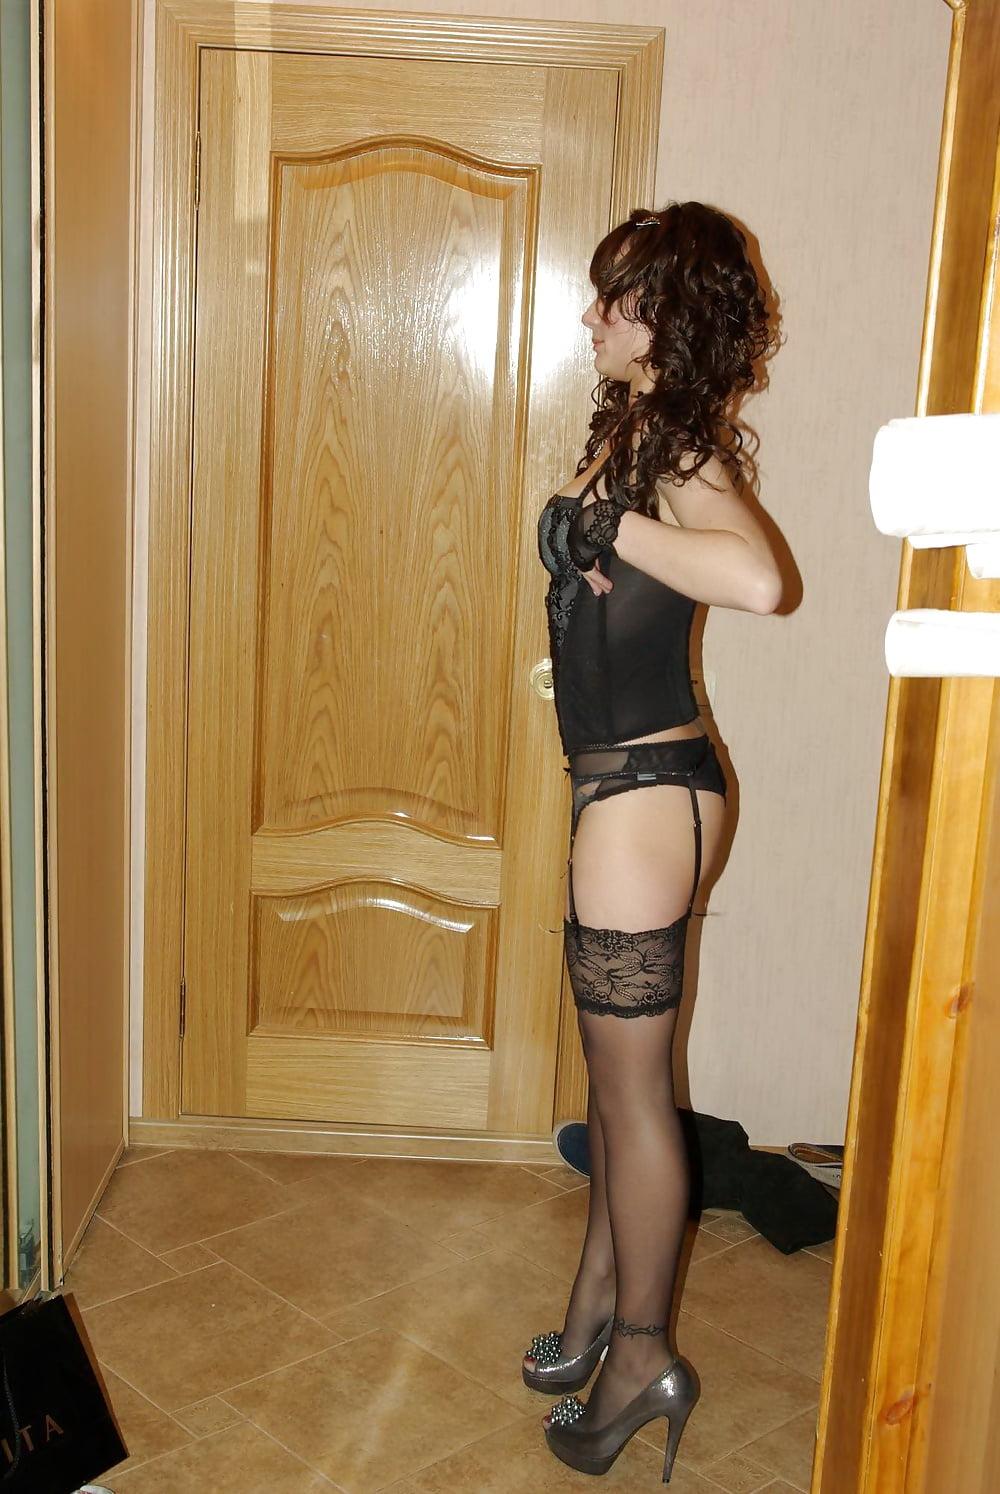 Видео проститутки нальчике 1